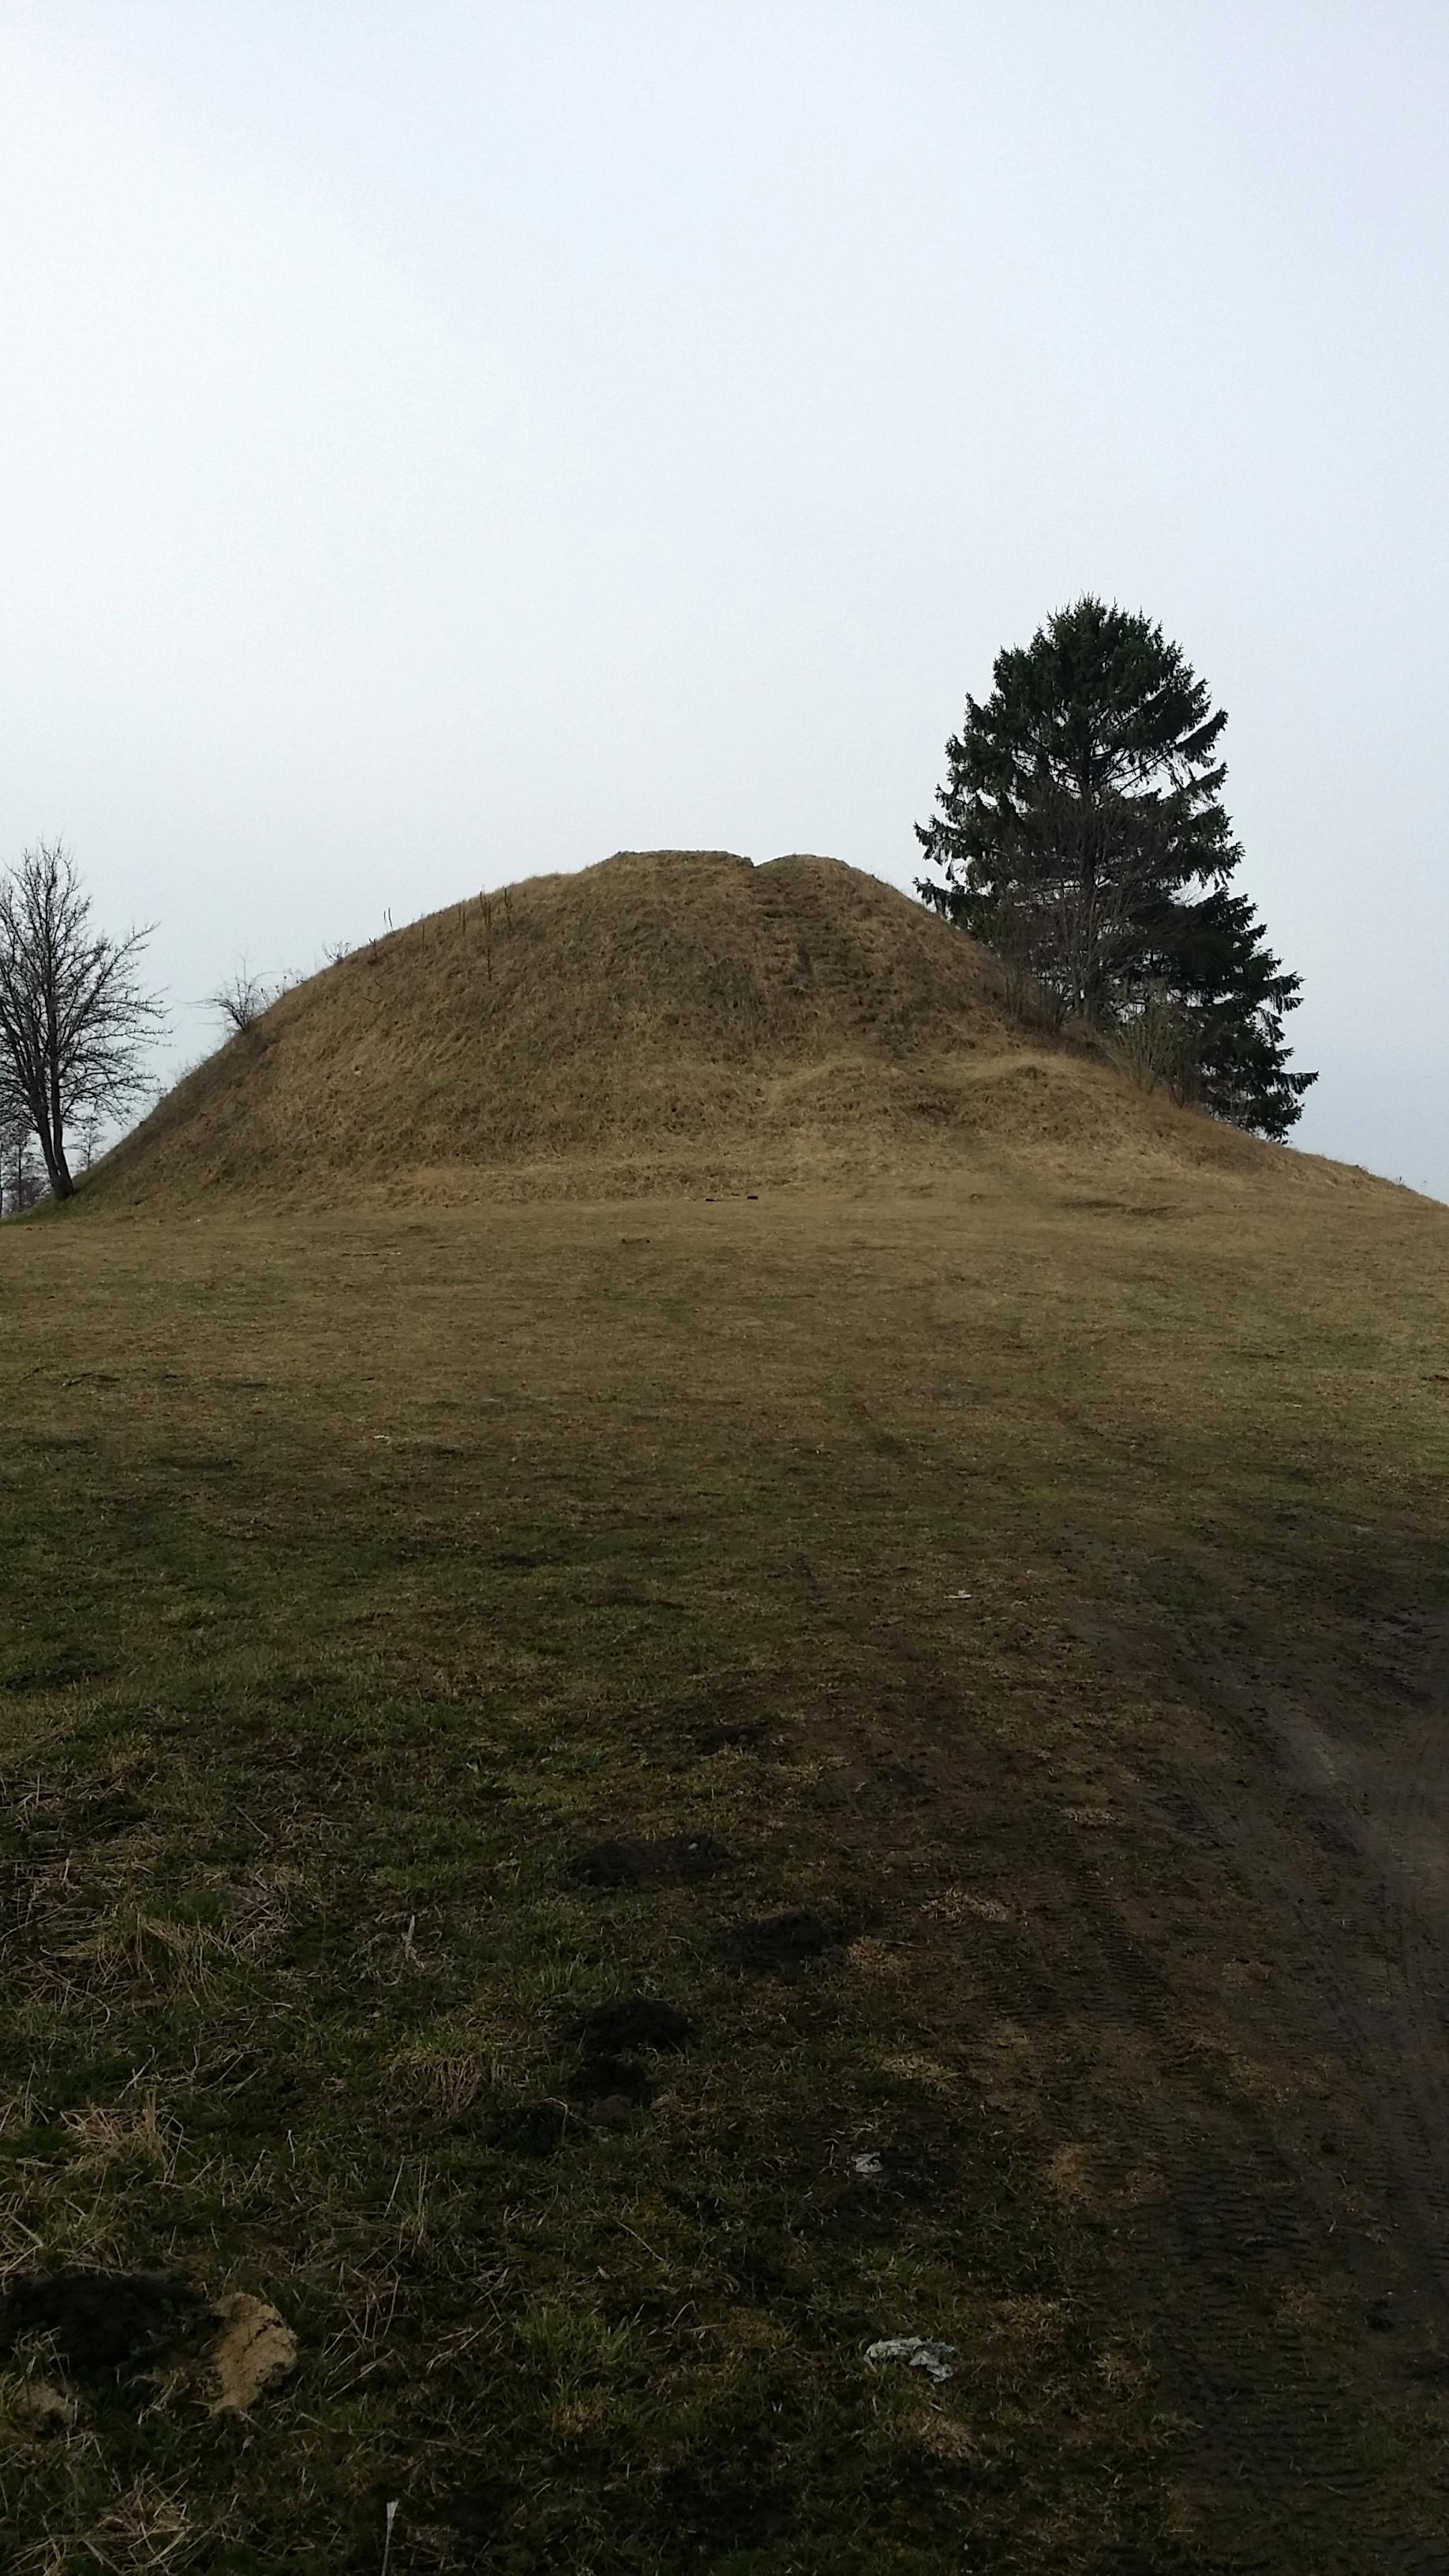 Mound of Sakaliskiai